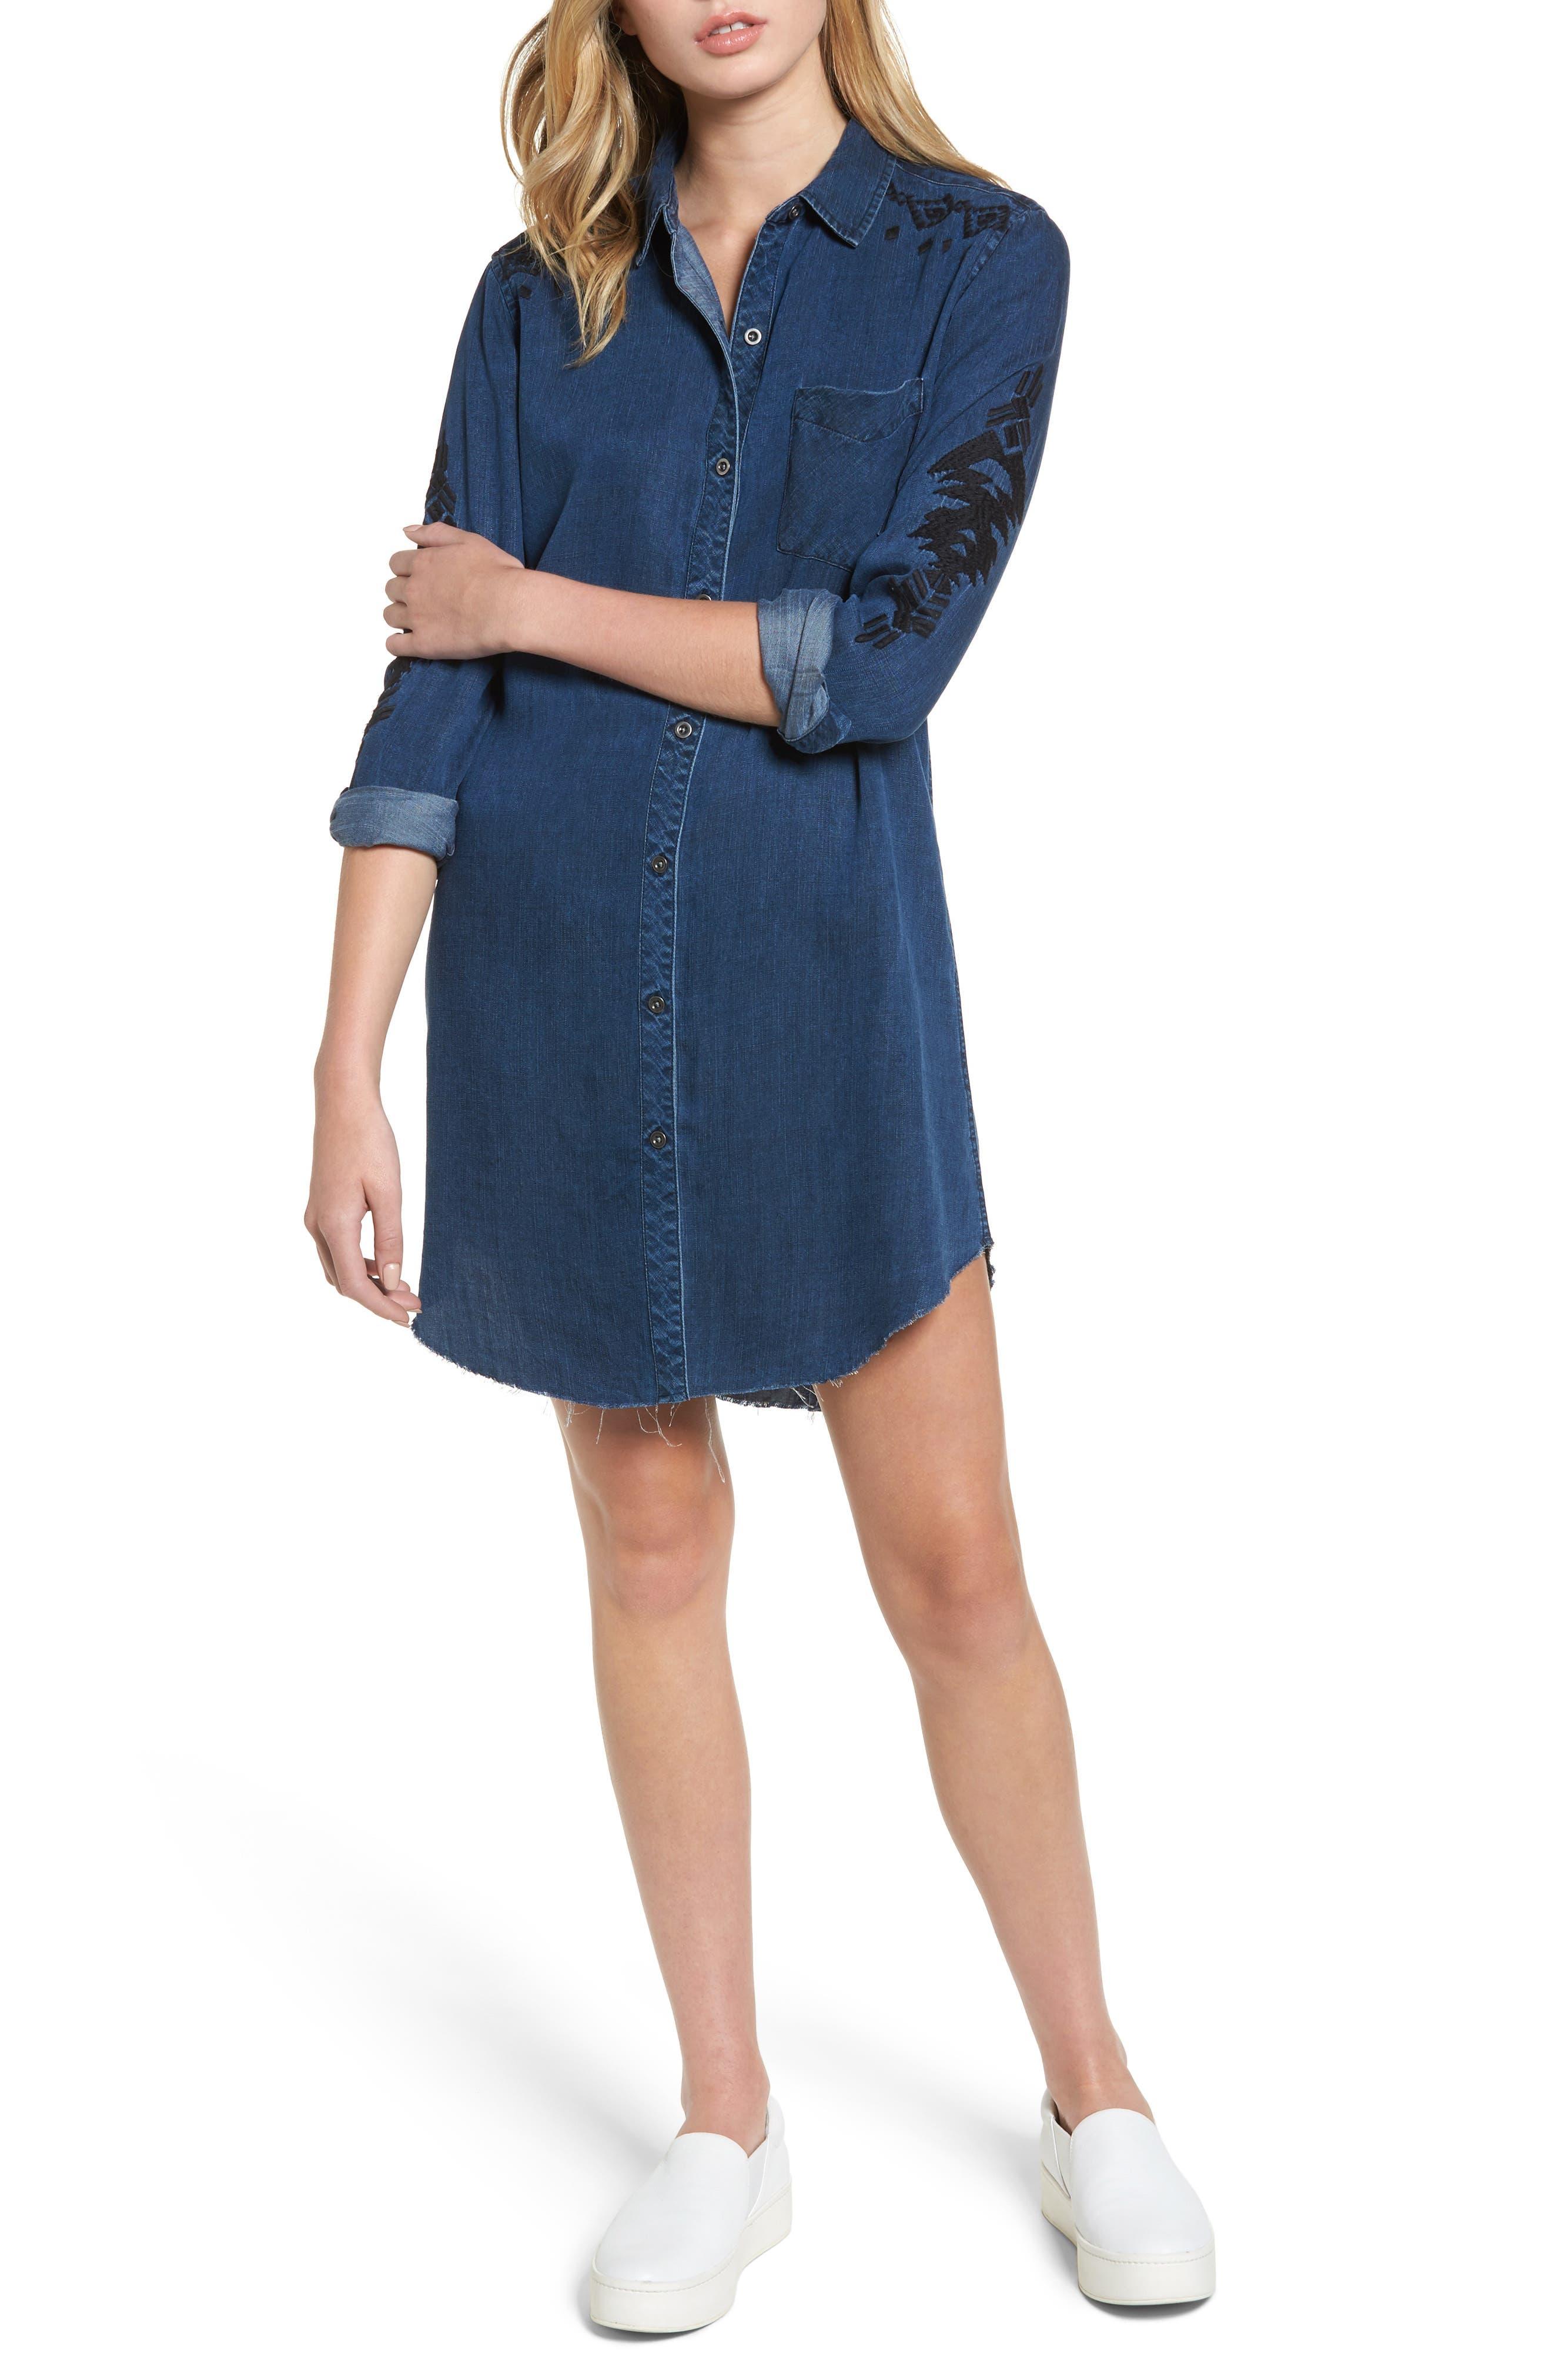 Ashland Chambray Shirtdress,                         Main,                         color, 404